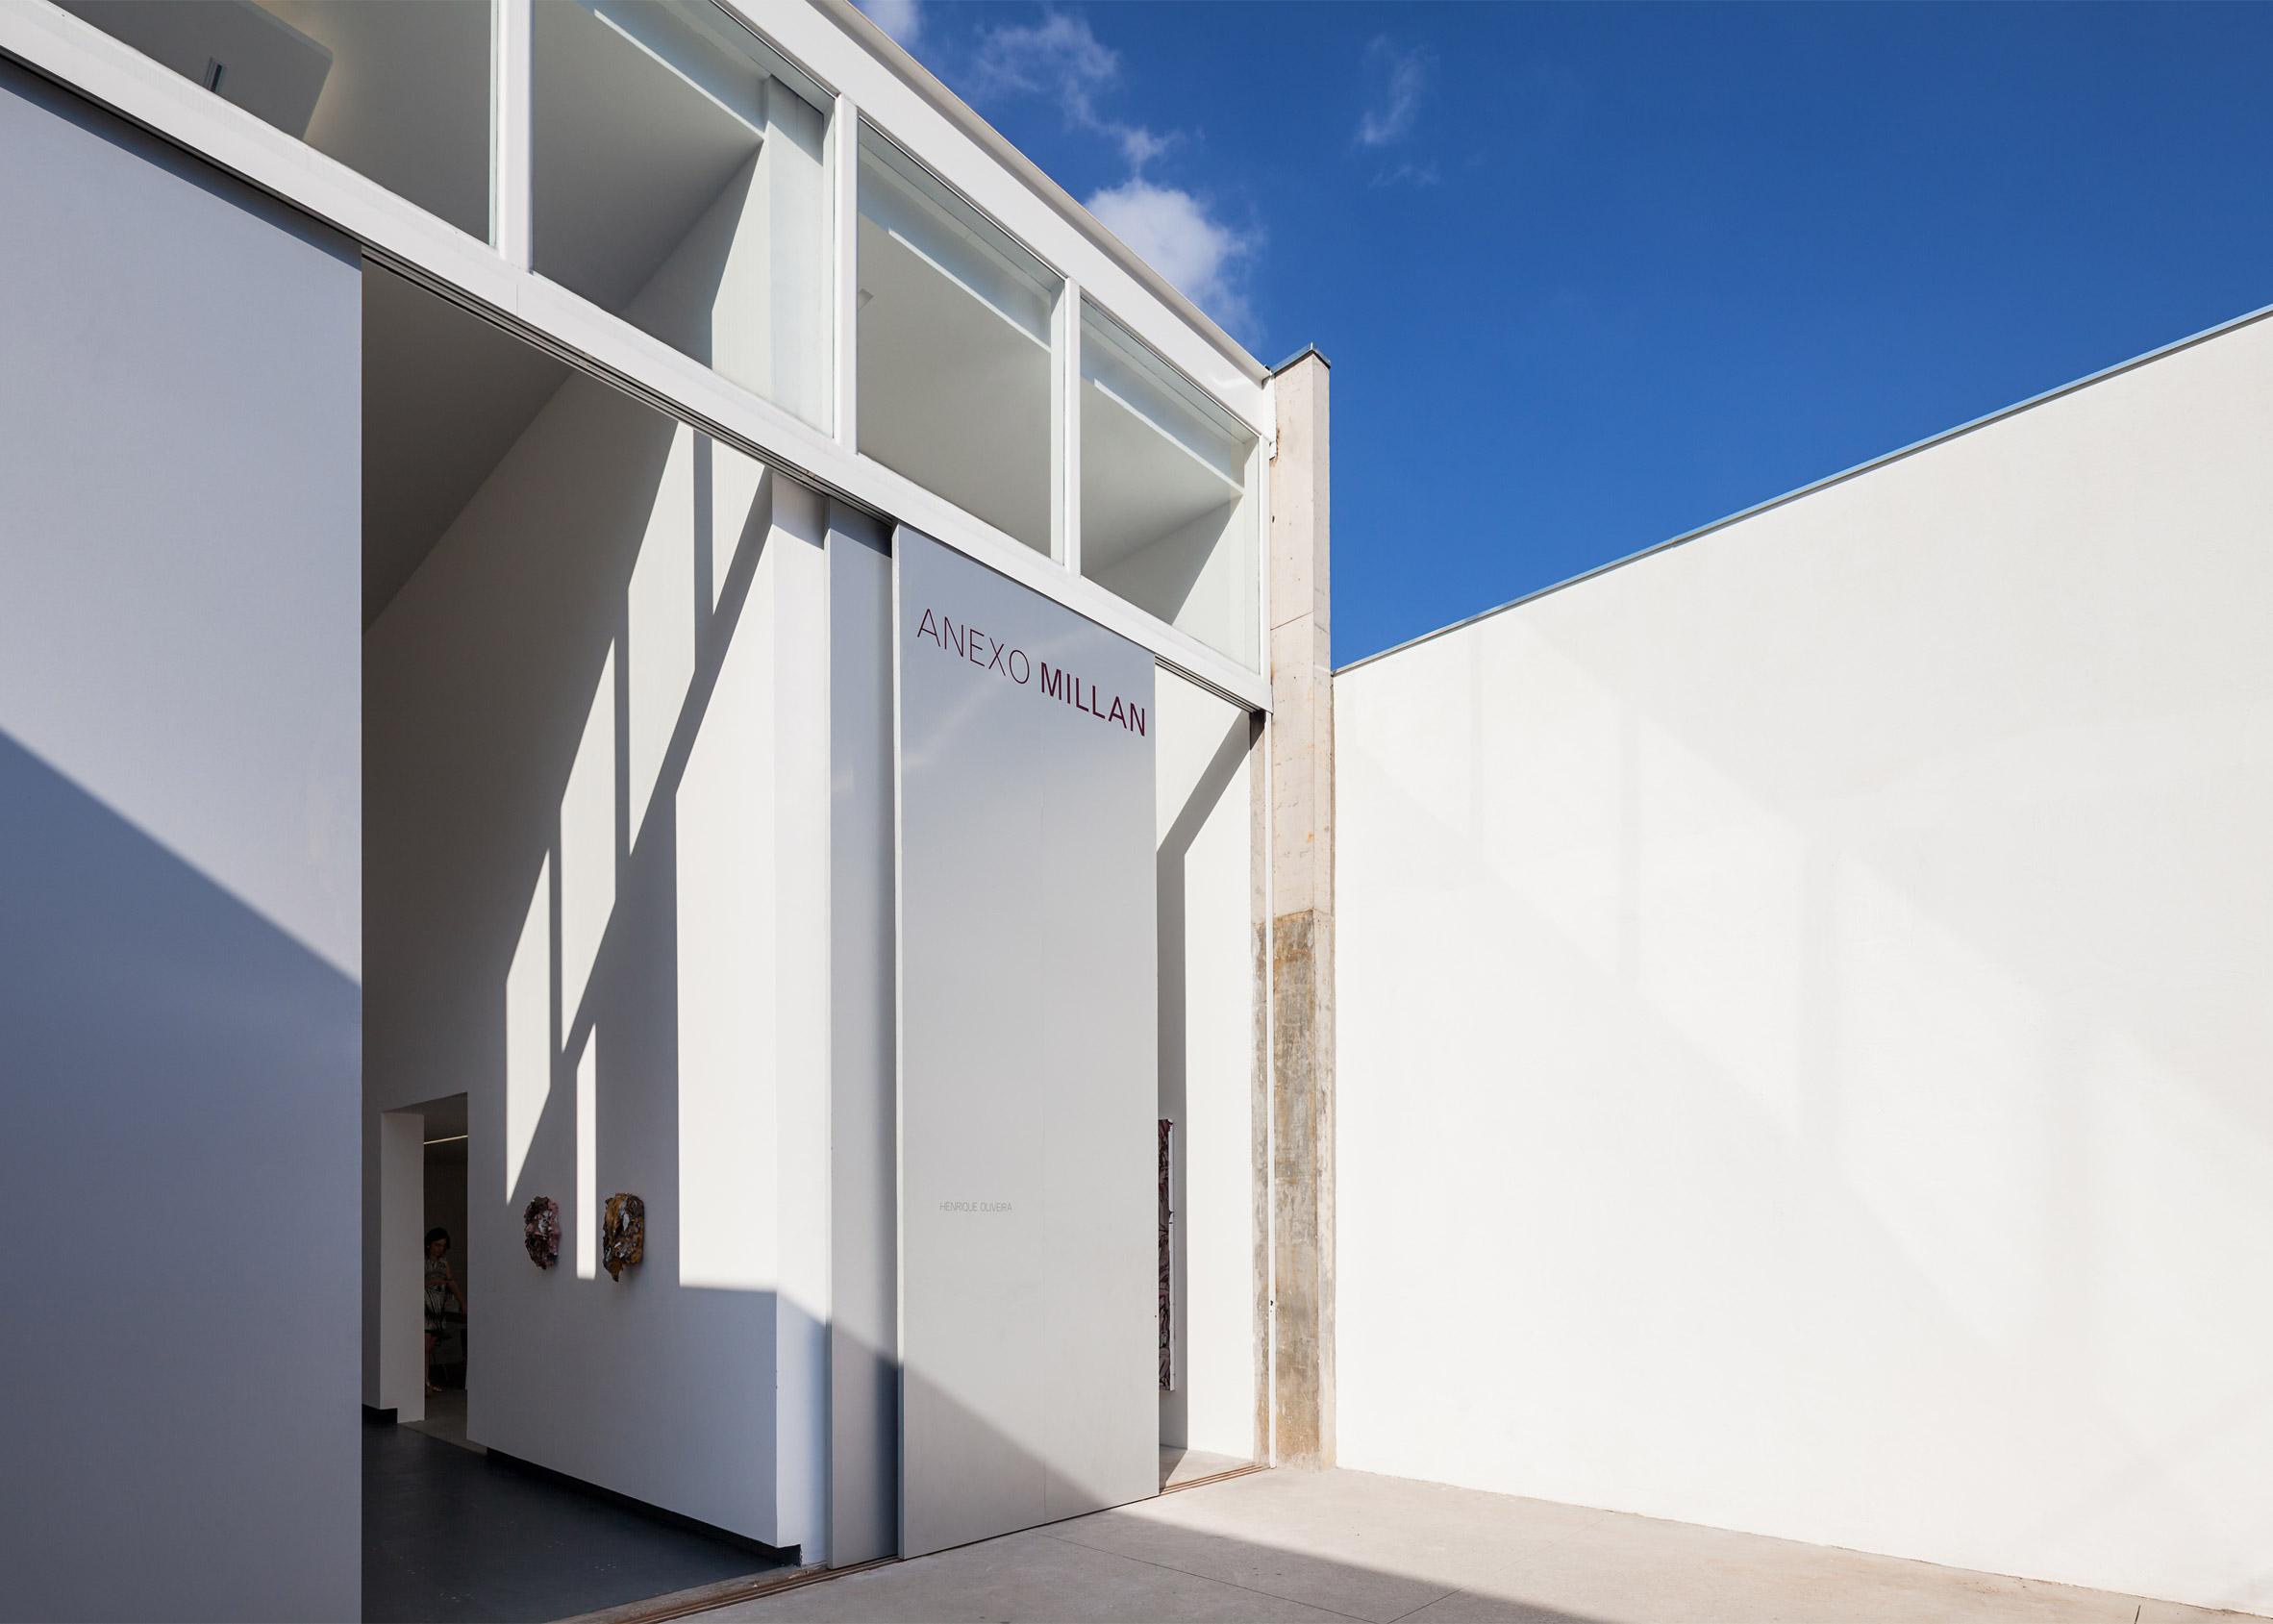 Anexo Galeria Millan by Kipnis Arquitetos Associados